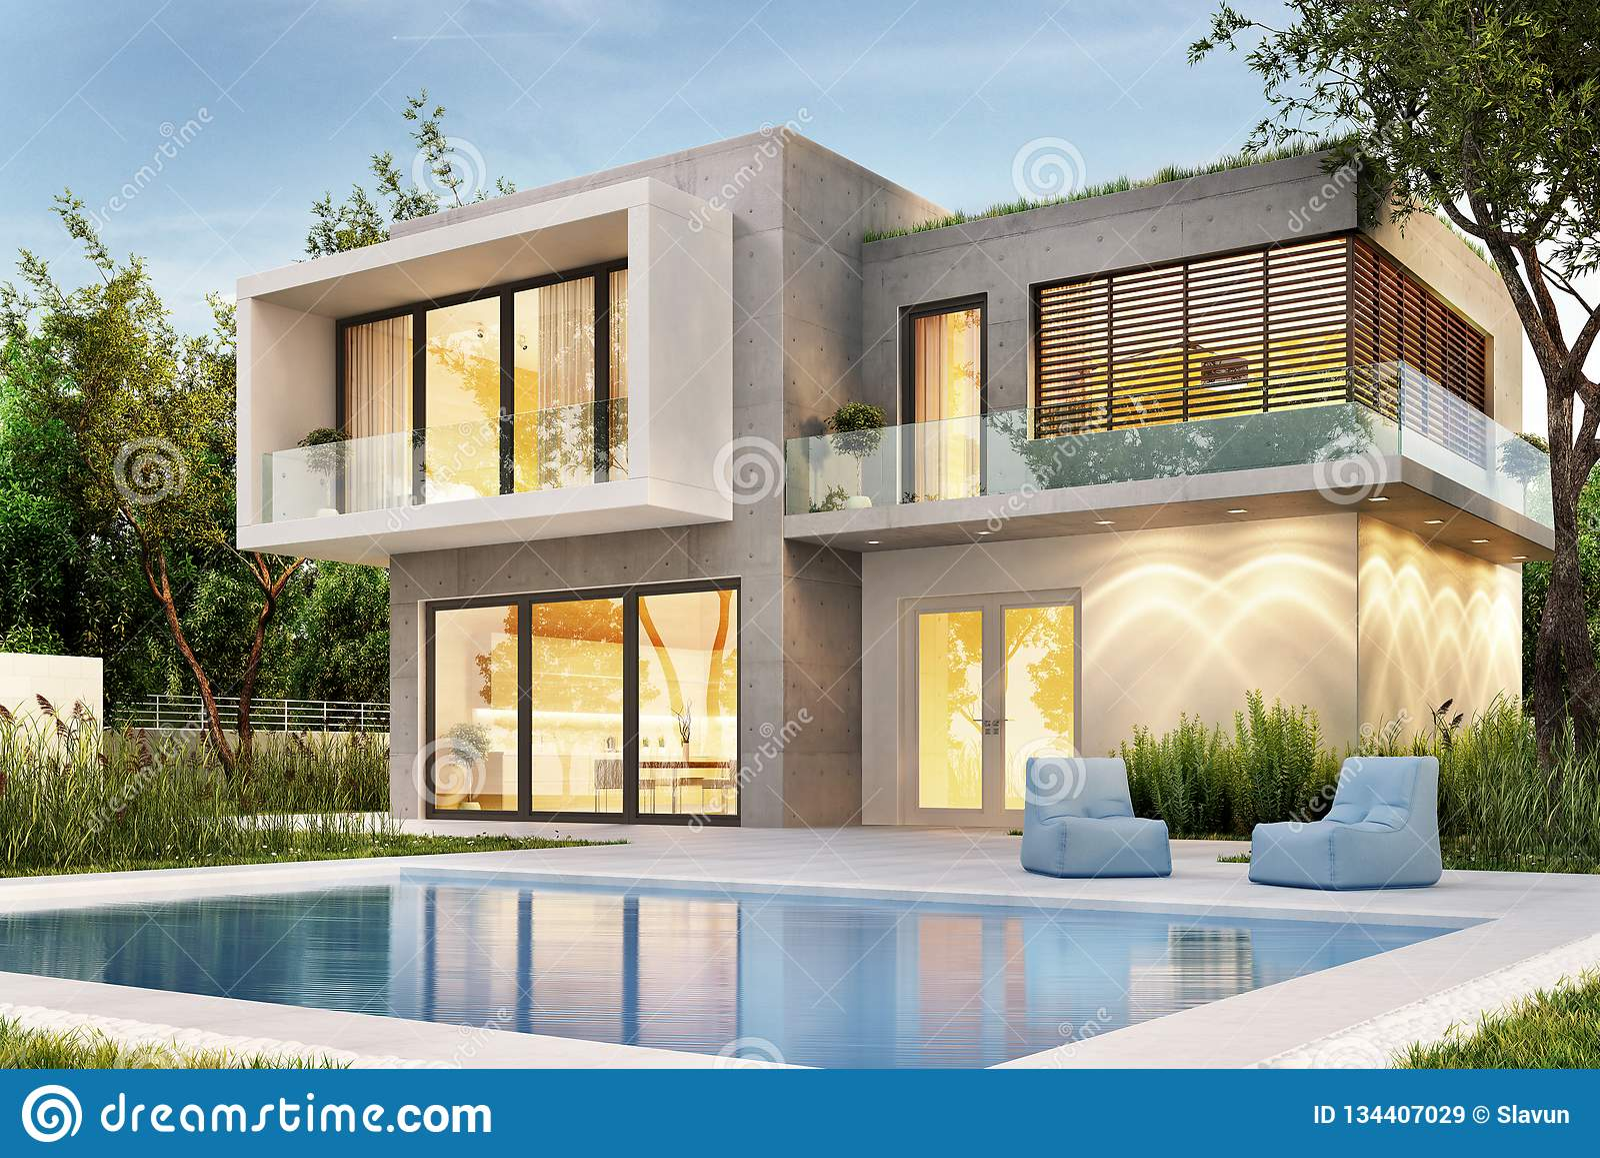 Anche vista di una casa moderna con illuminazione e una piscina